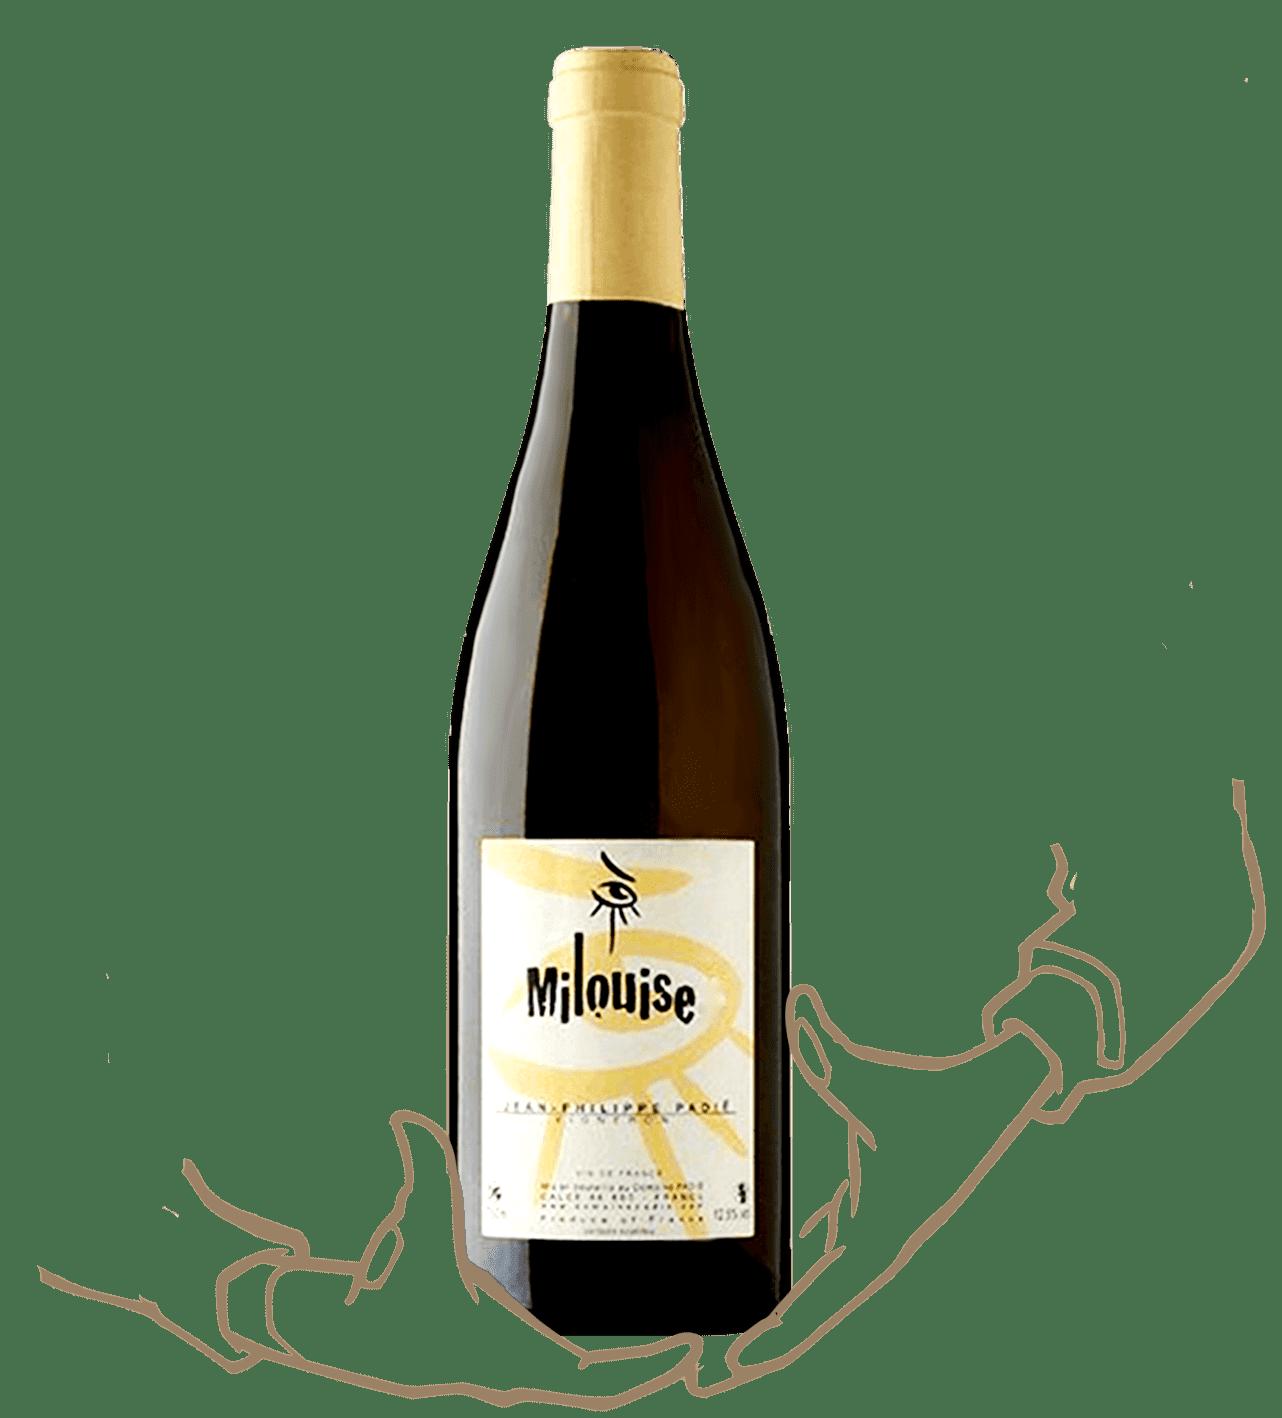 Milouise du domaine Padié est un vin naturel du Roussillon